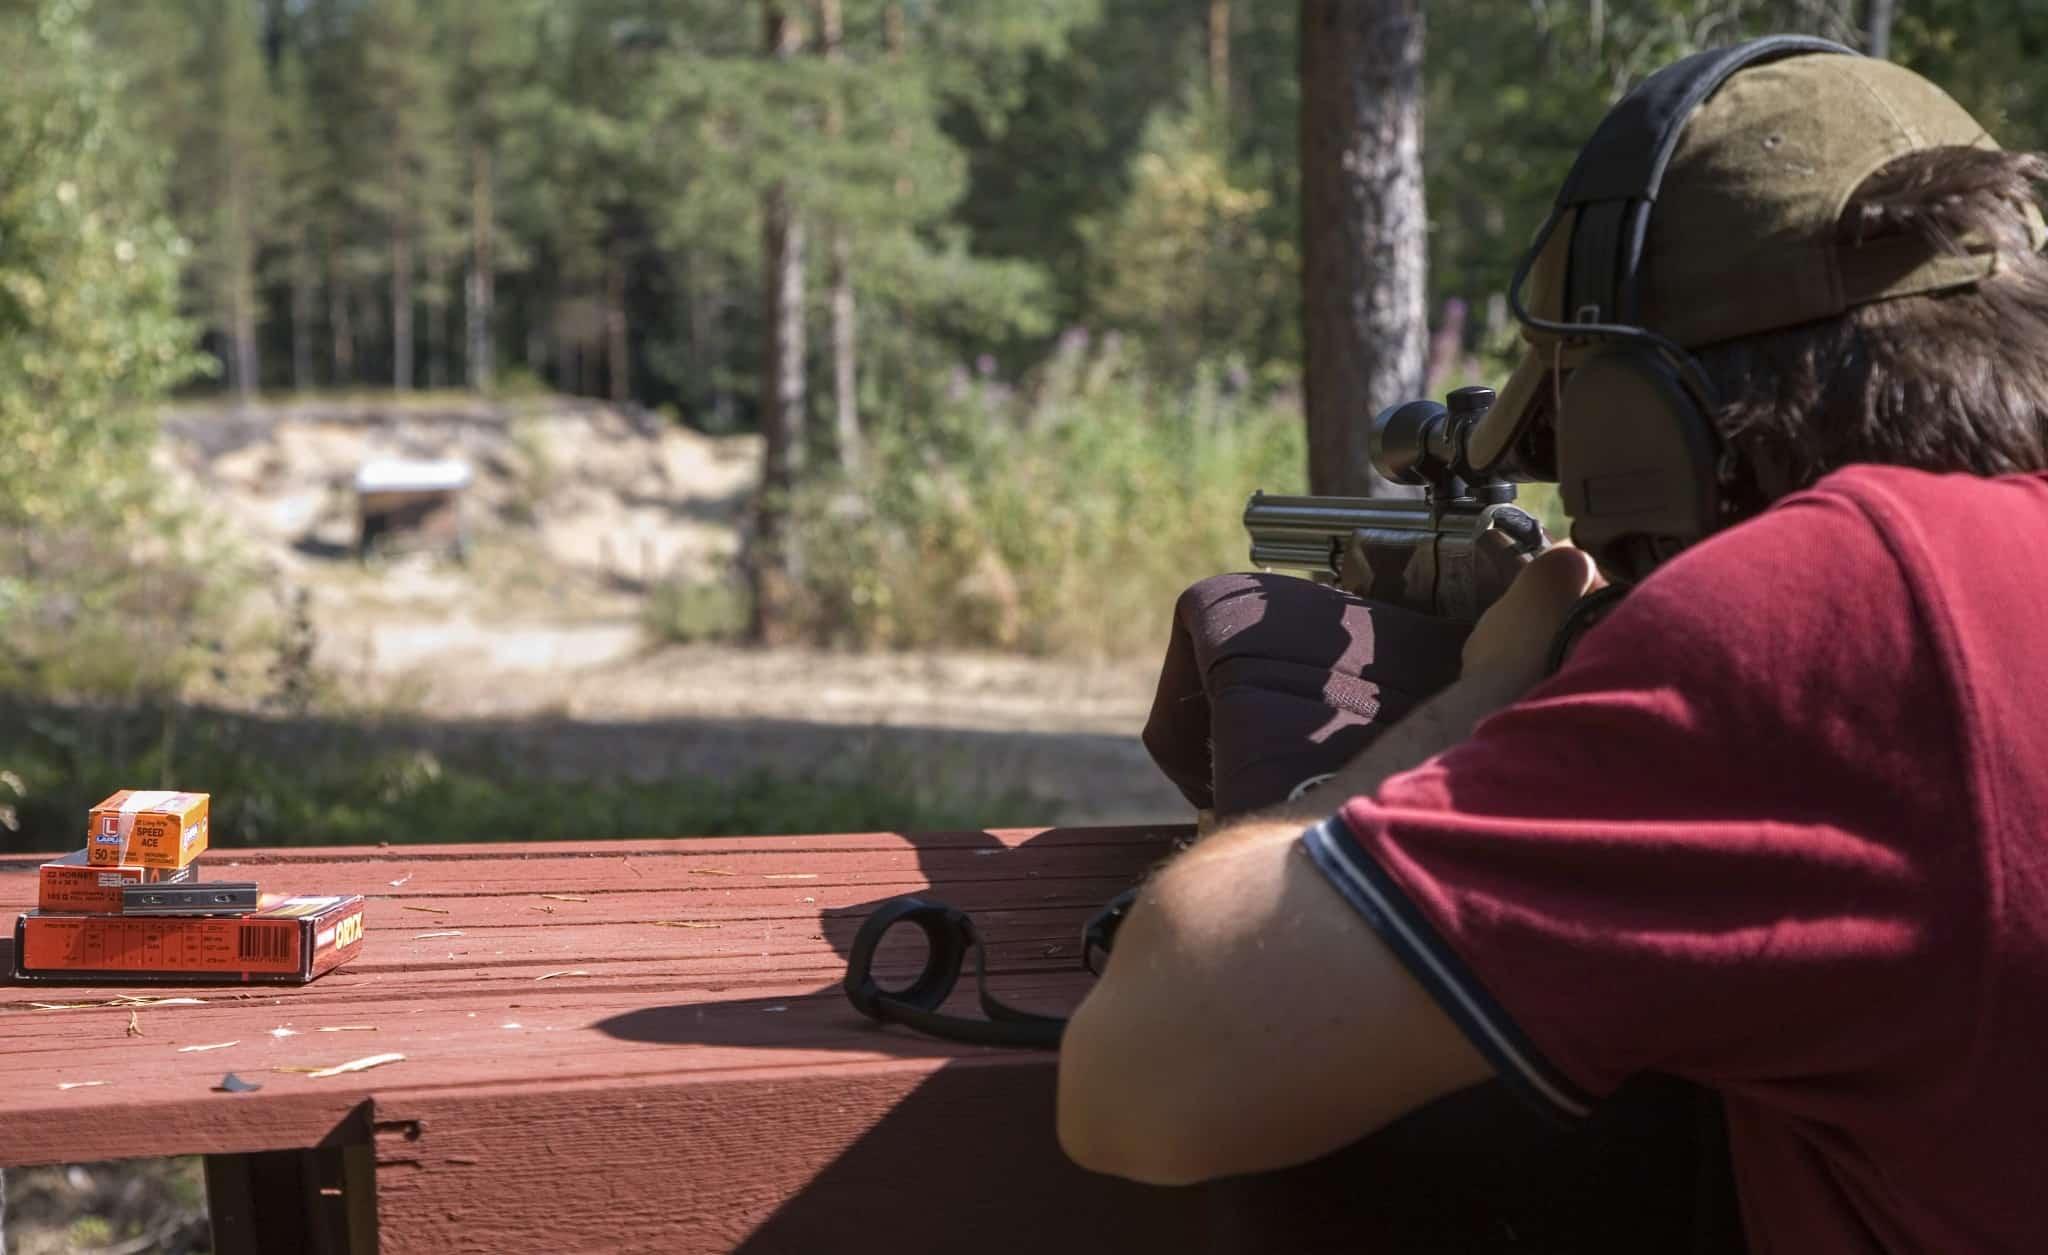 Jaktvapen bör provskjutas regelbundet. Ibland har träffläget ändrats och då behöver du skjuta in vapen och sikte på nytt. Foto: Ulf Lindroth